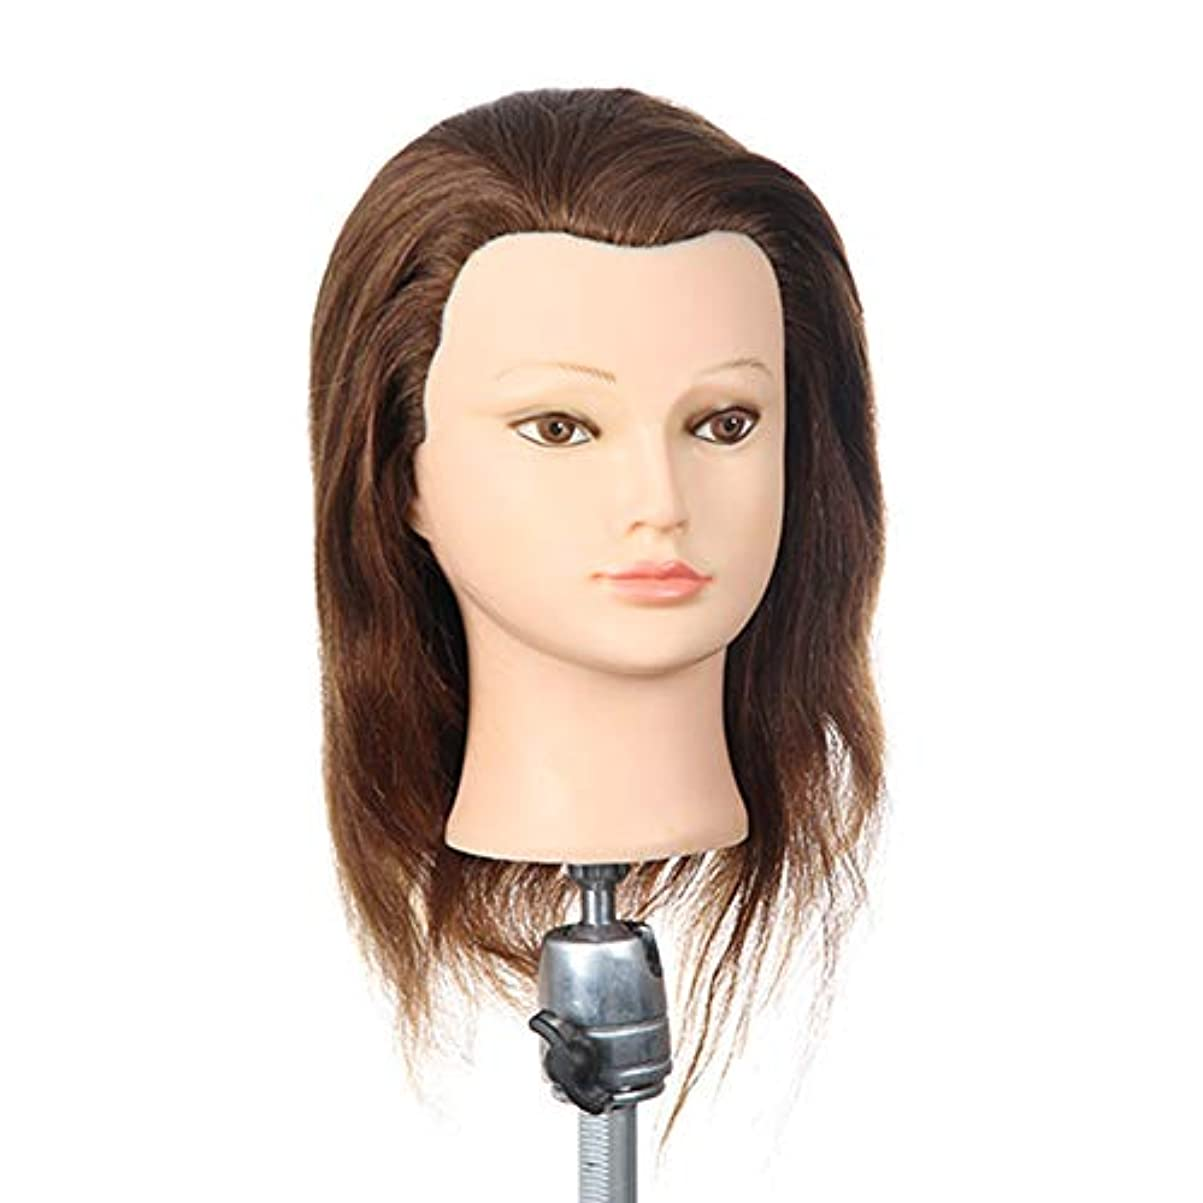 パーマ髪染めティーチングヘッドメイクヘアスタイリングモデルヘッド理髪練習ヘッドブローホットロールマネキンヘッド